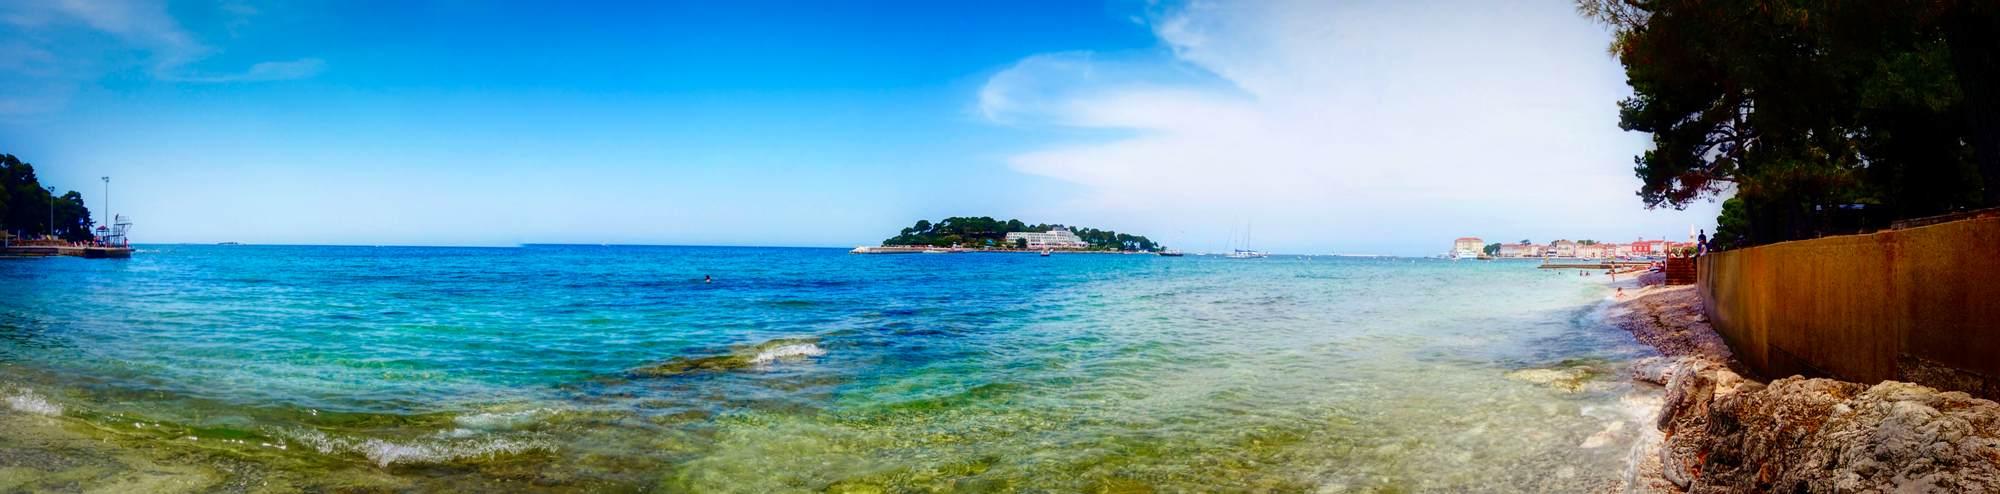 kleine Insel Sveti Nikola im Hintergrund